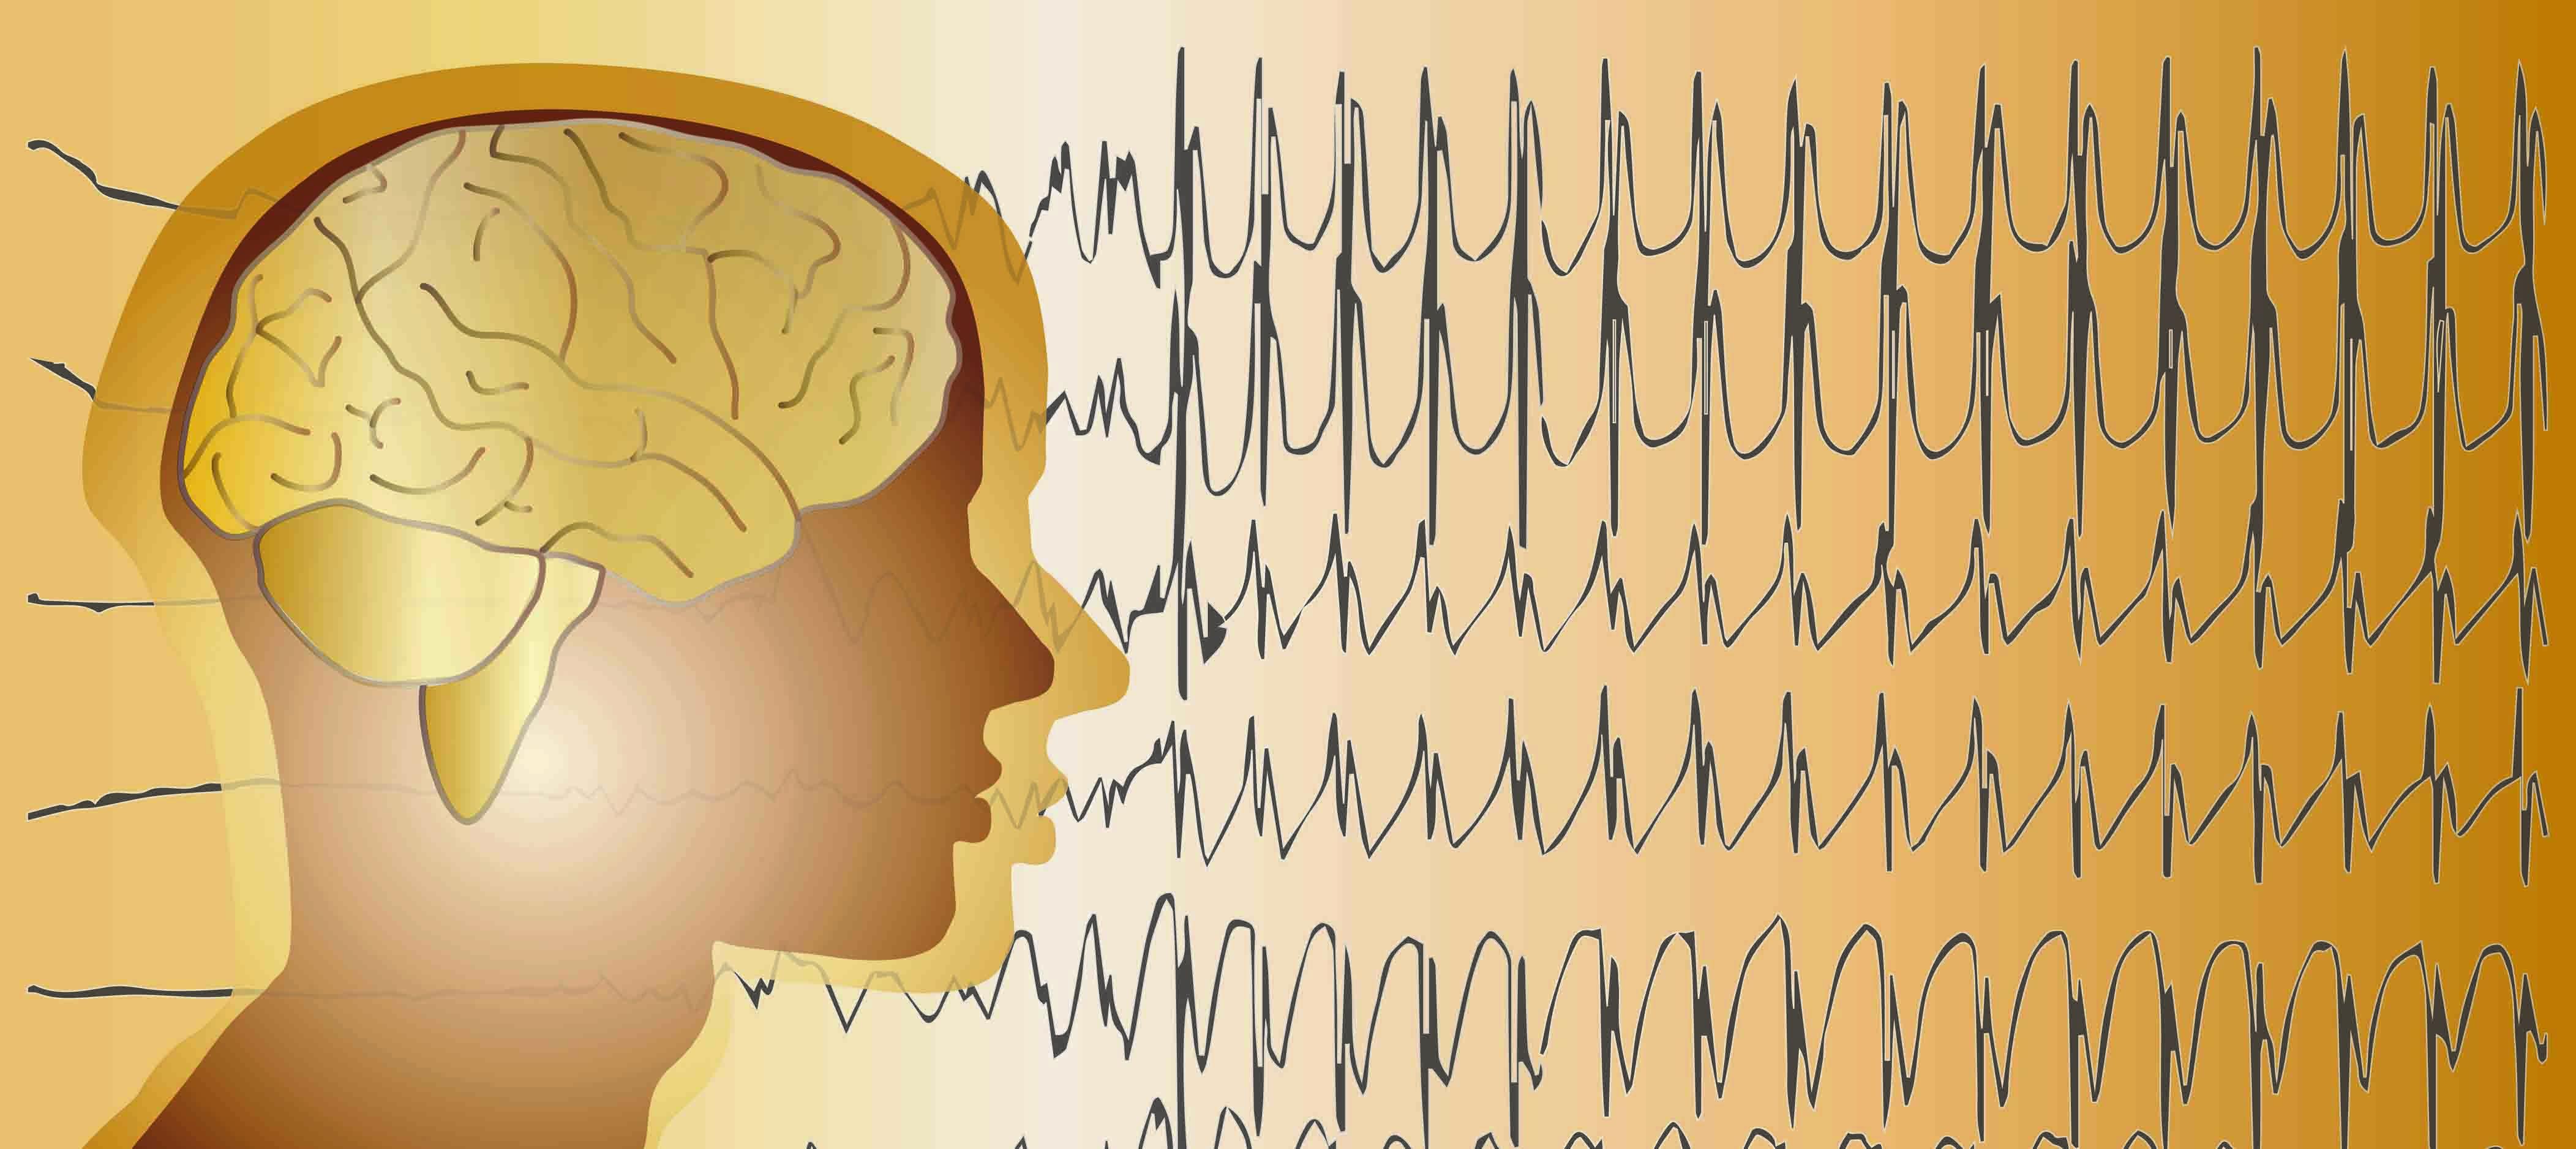 Epilepsy treatment at Duke